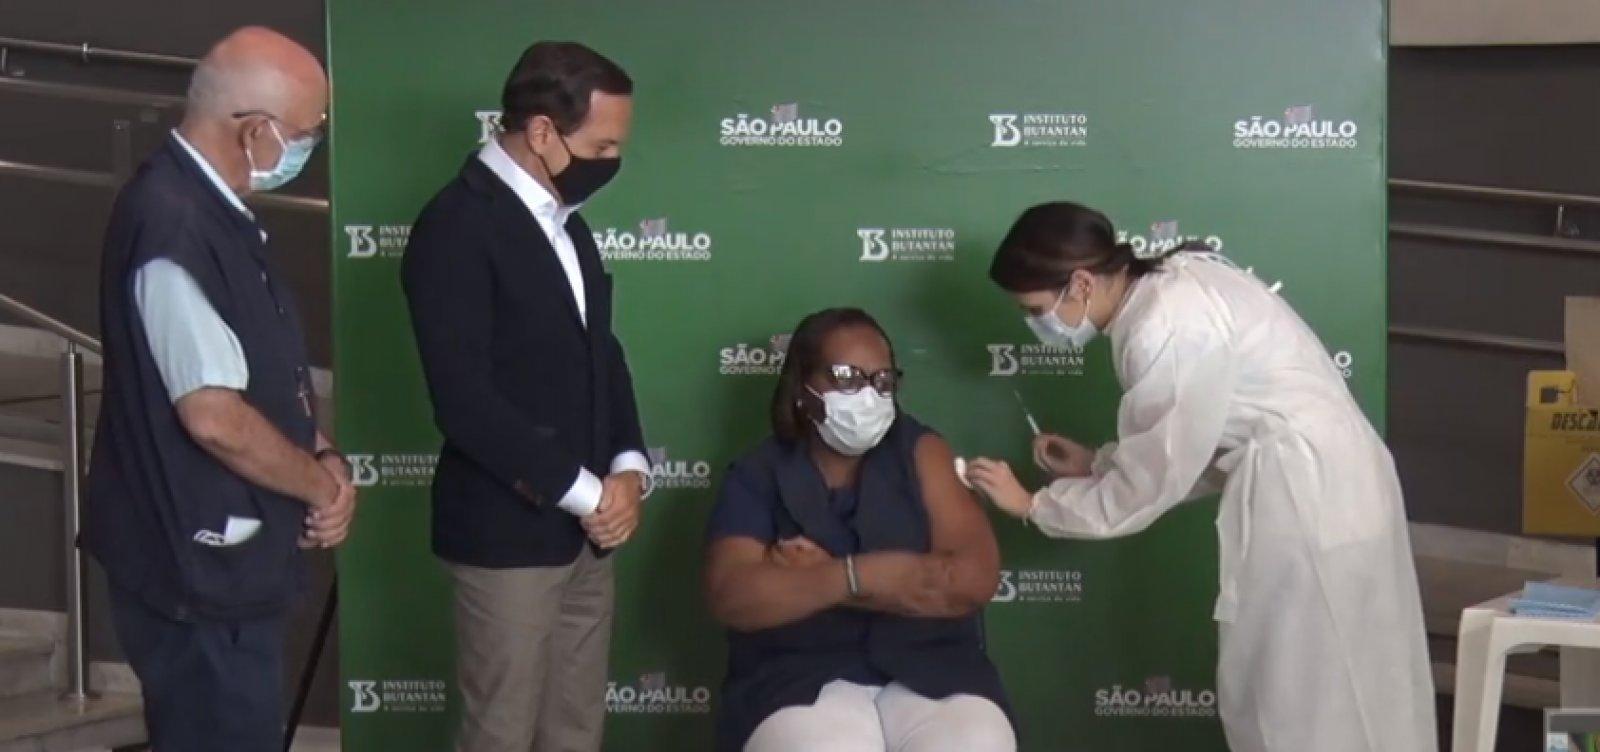 Primeira vacinada contra Covid-19 no Brasil recebe segunda dose em SP